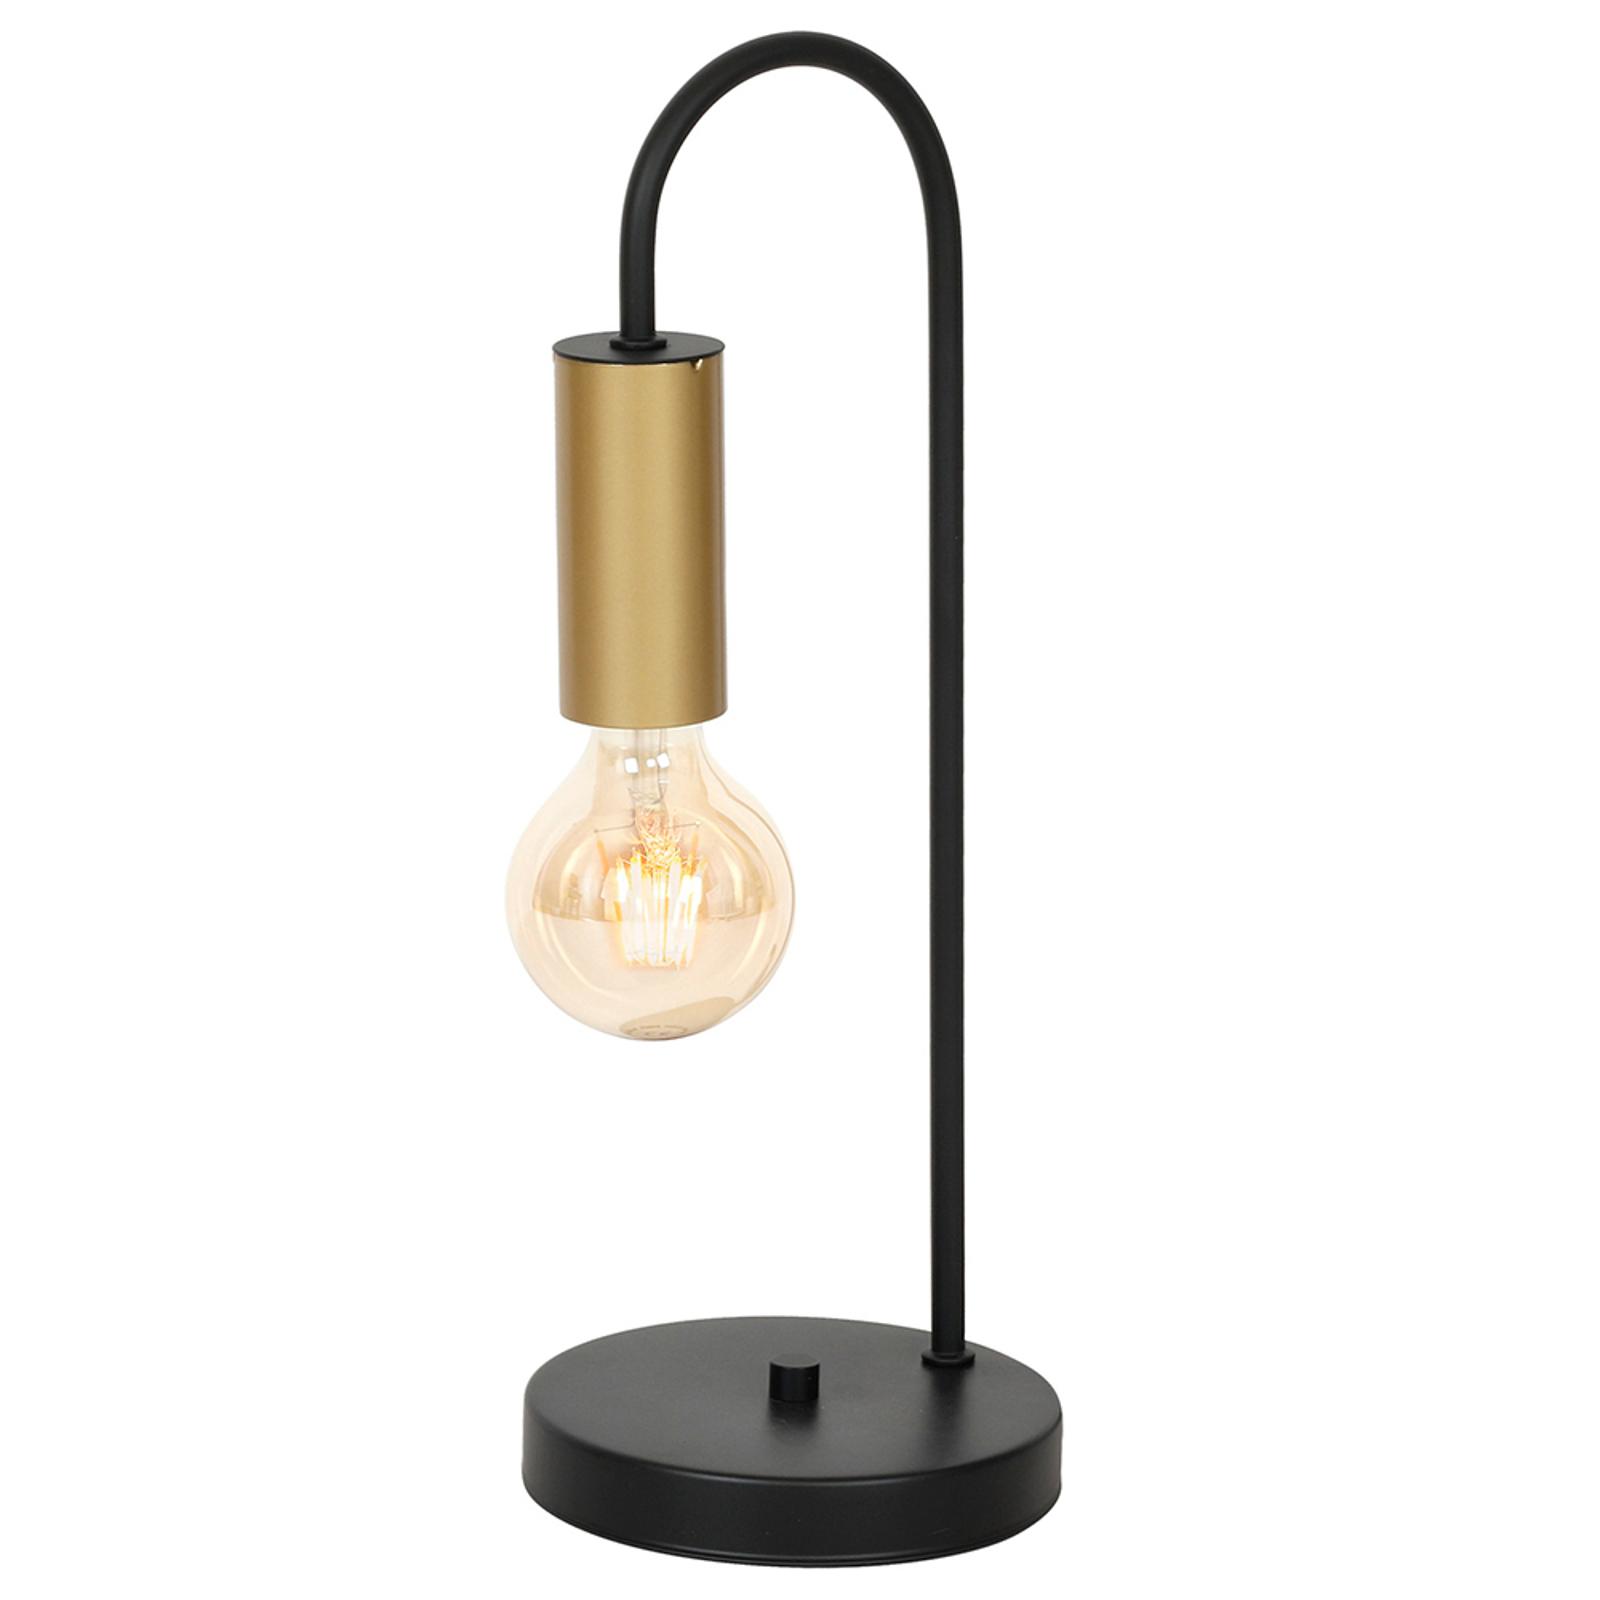 Lampe à poser Loppe, à 1 lampe, noire/dorée